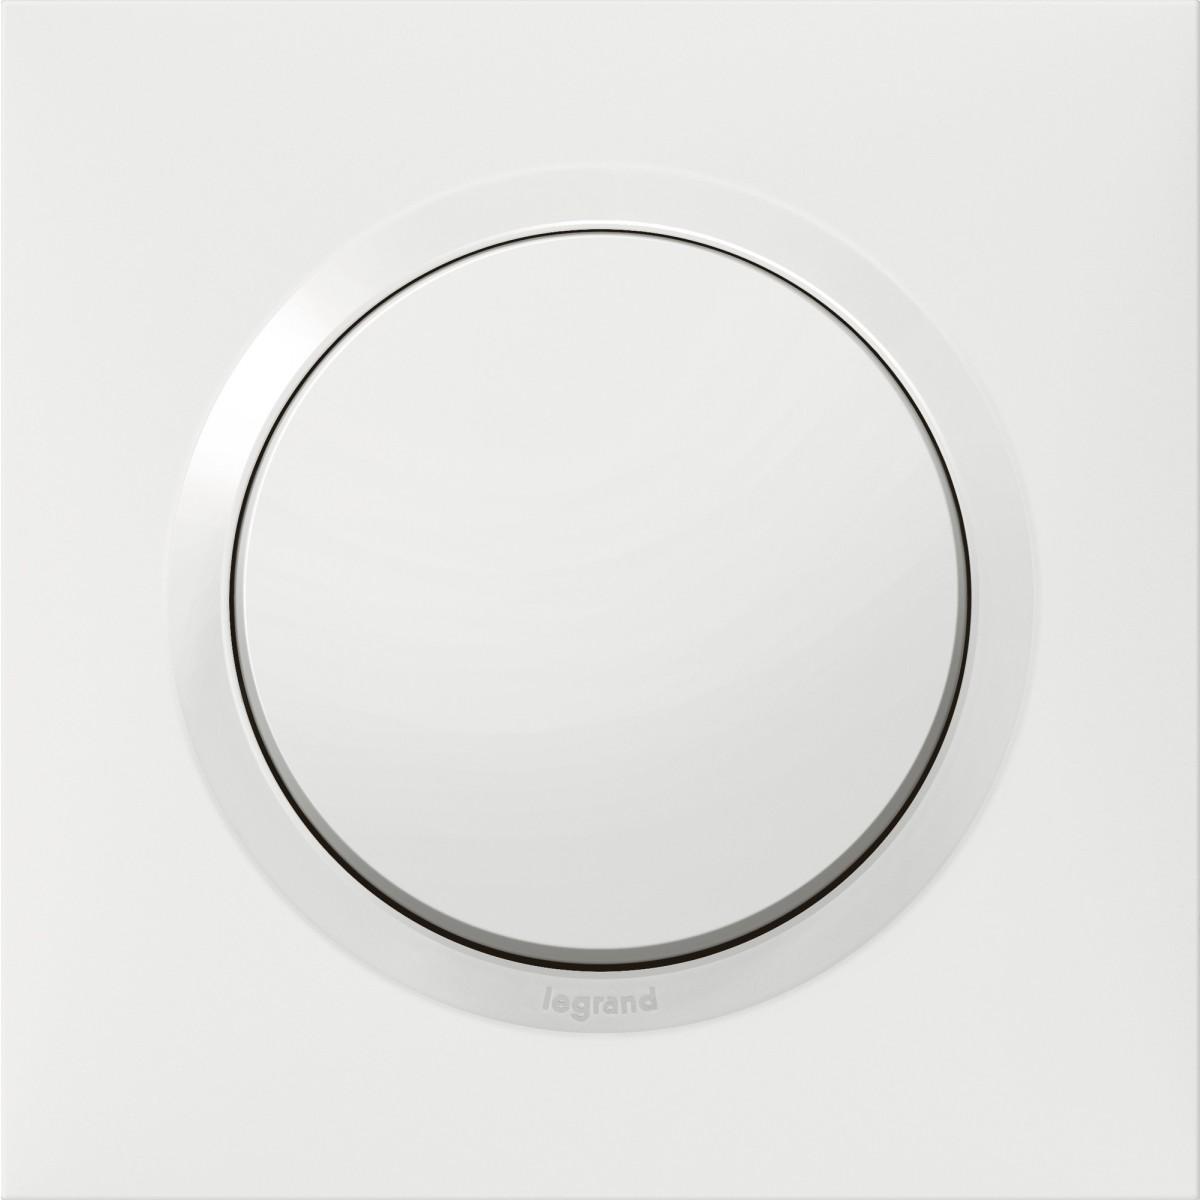 Interrupteur ou Va et vient Dooxie Legrand - Blanc